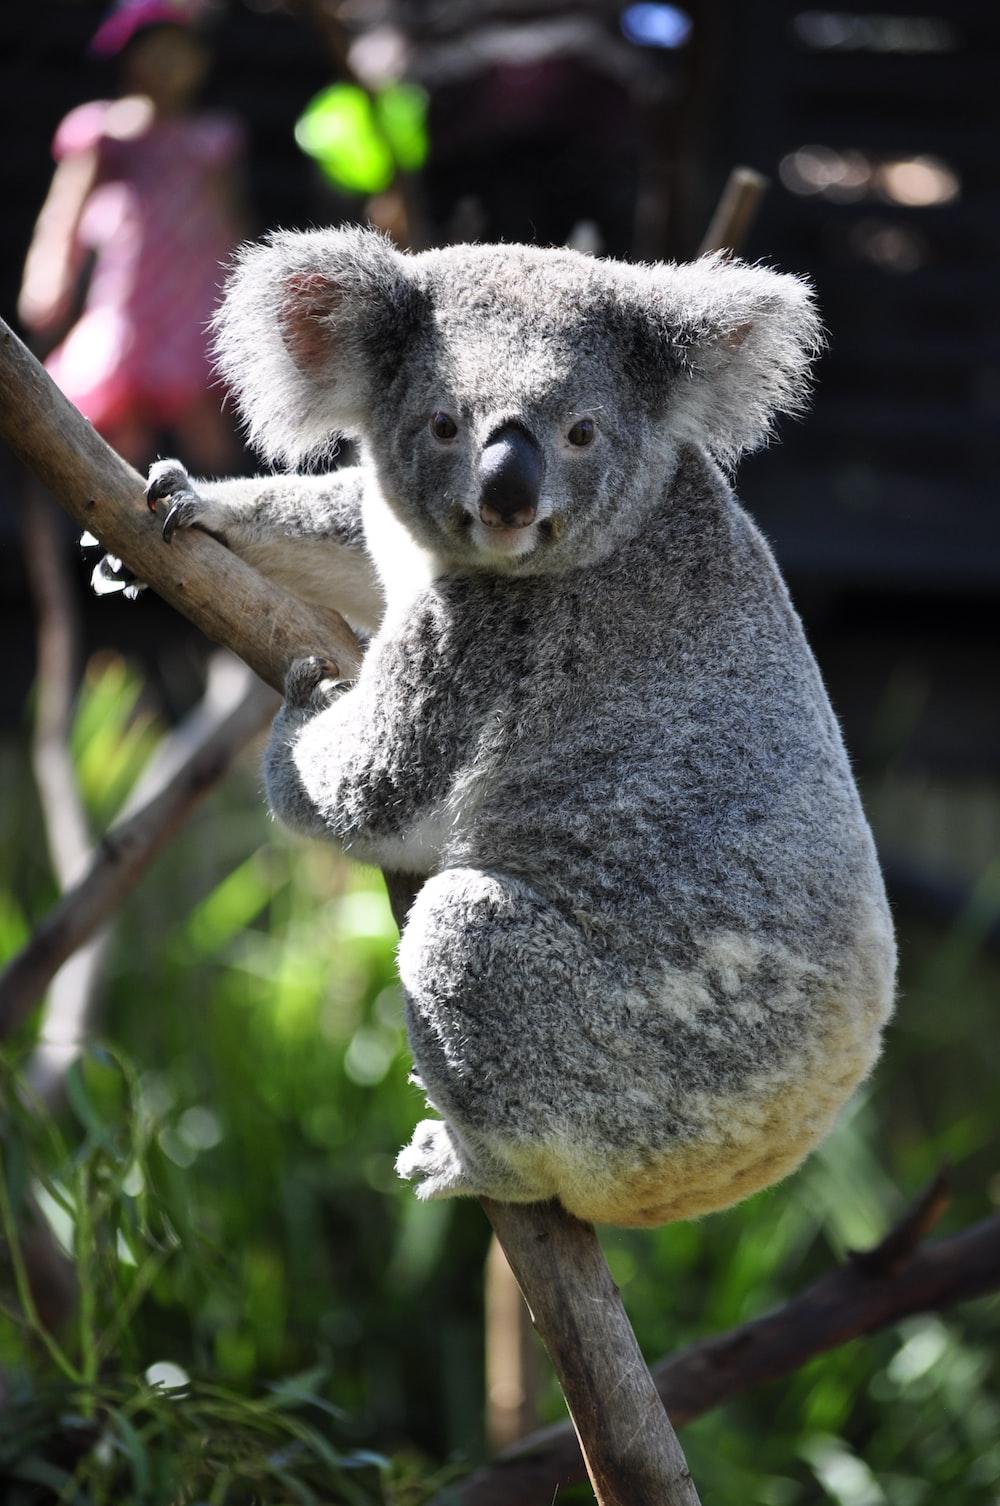 koala on tree branch during daytime